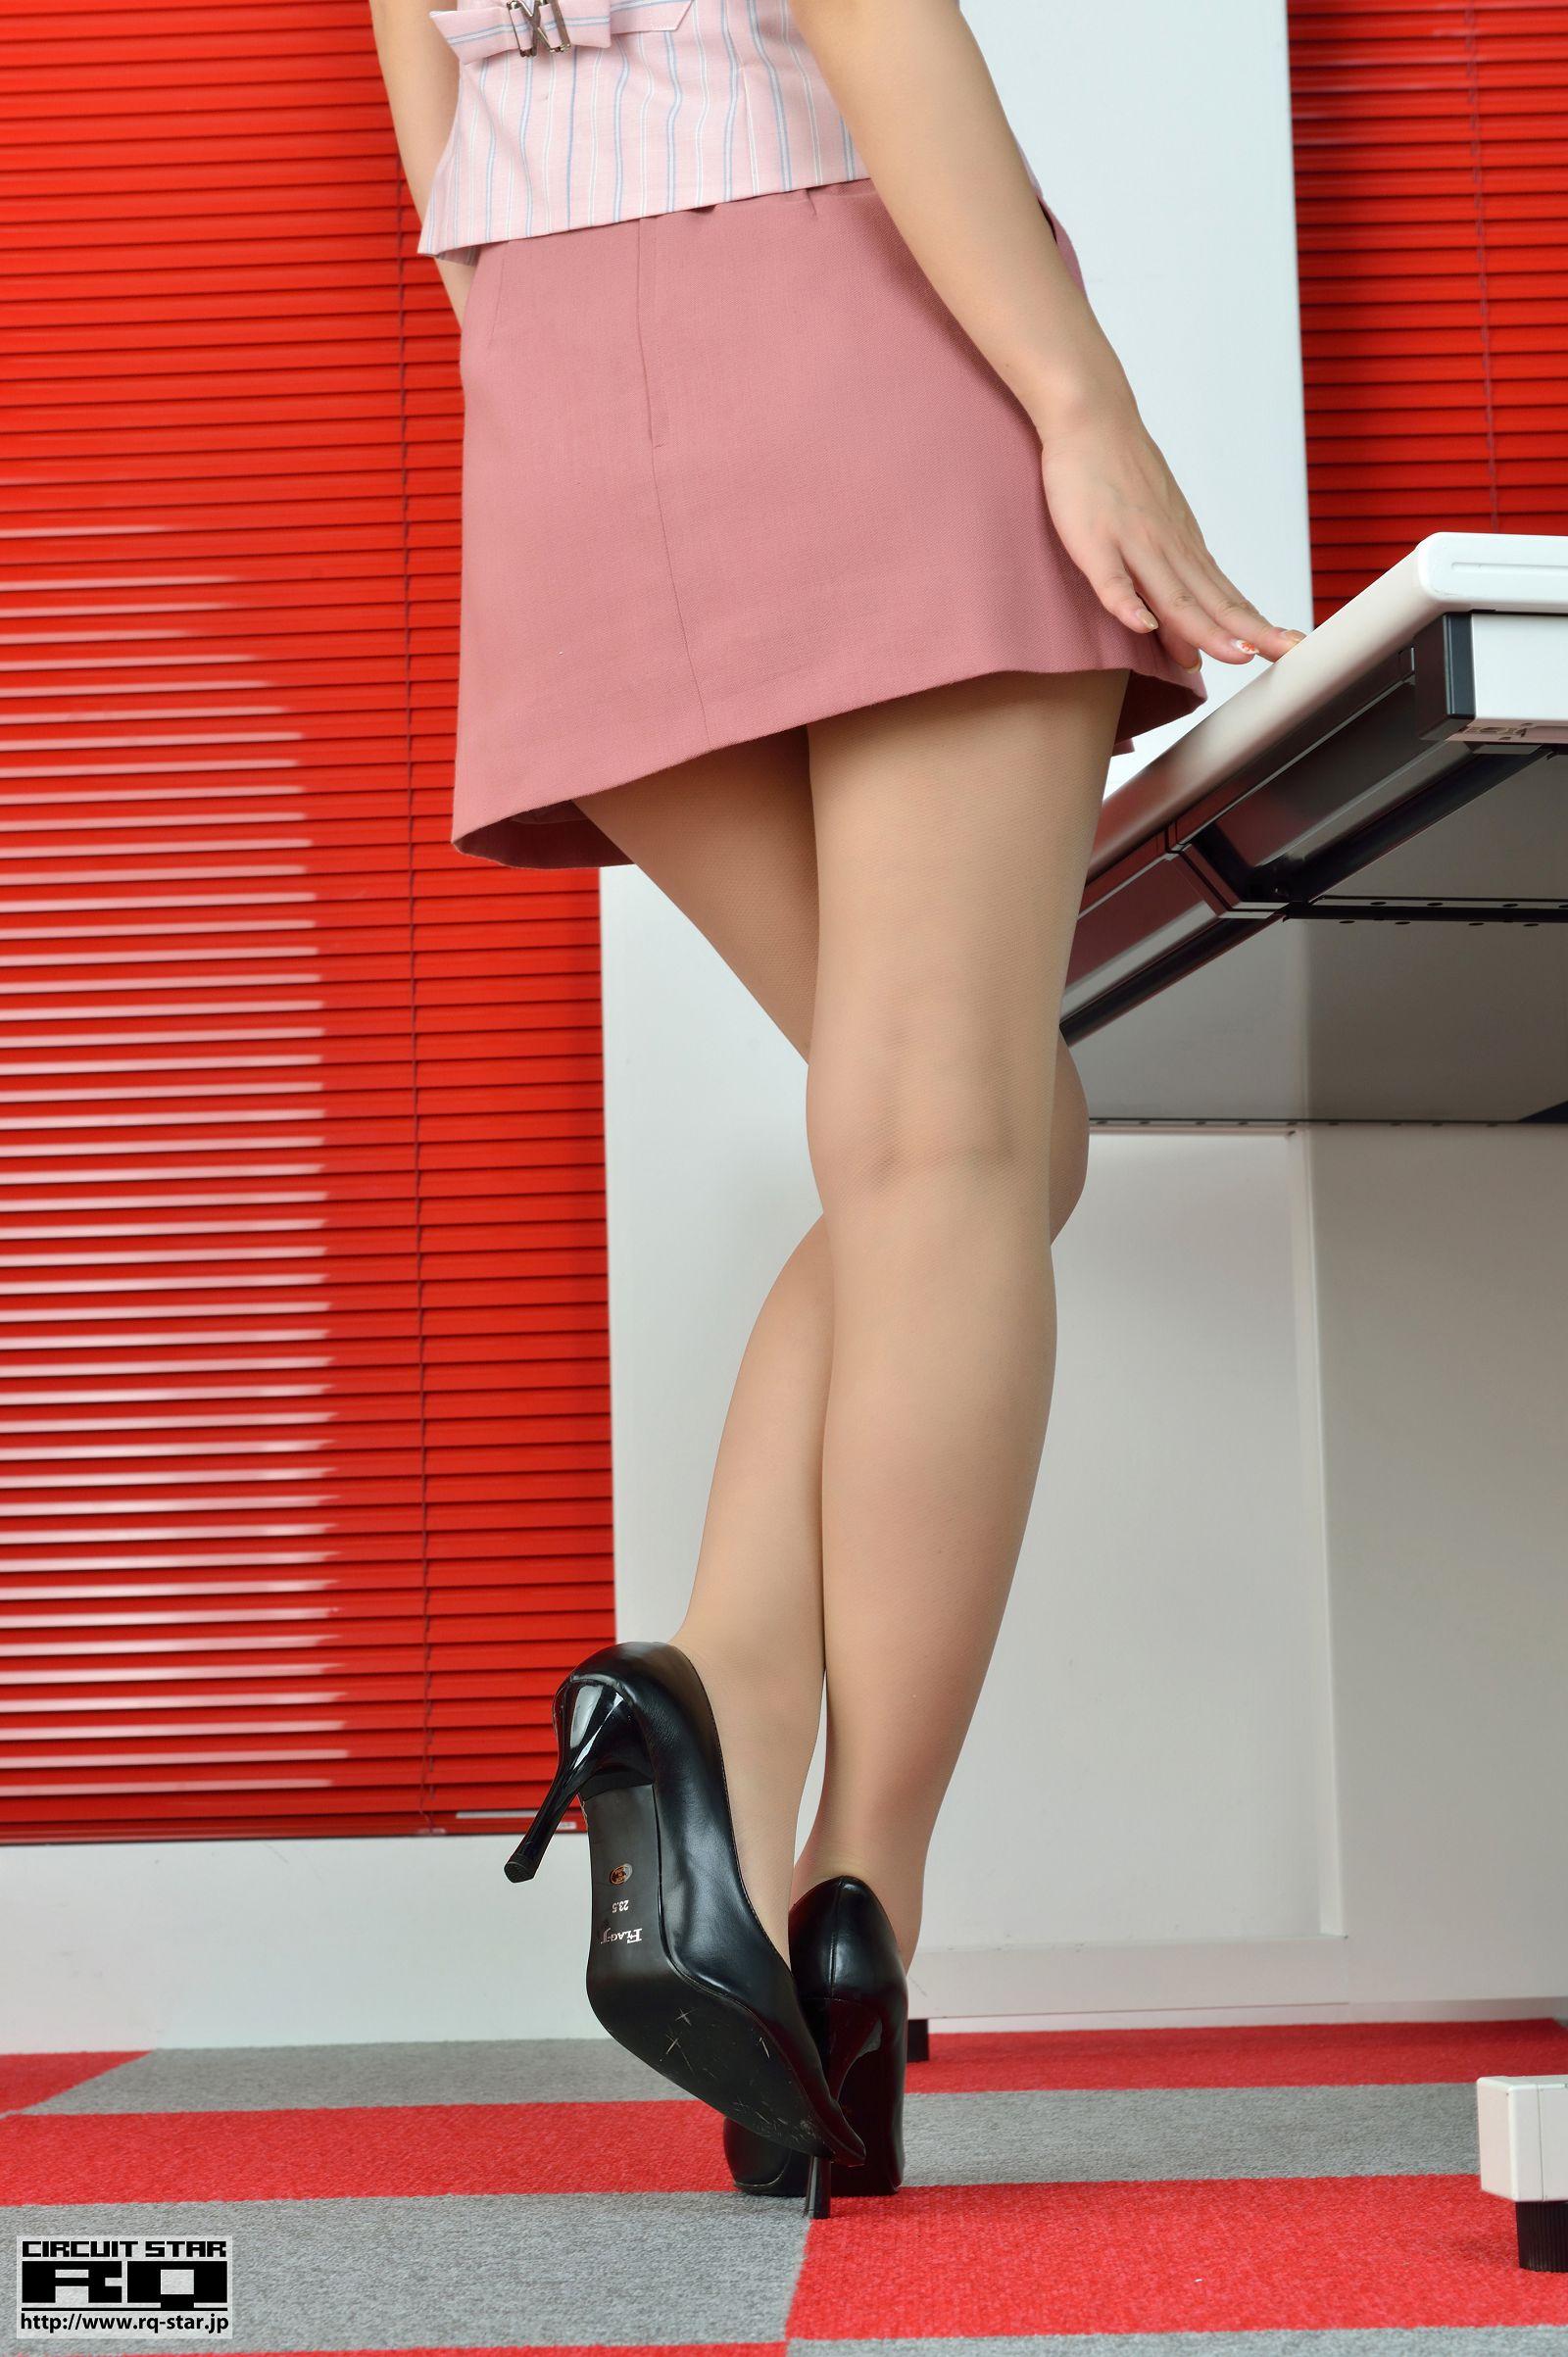 [RQ STAR美女] NO.01017 Ichika Nishimura 西村いちか Office Lady[84P] RQ STAR 第4张